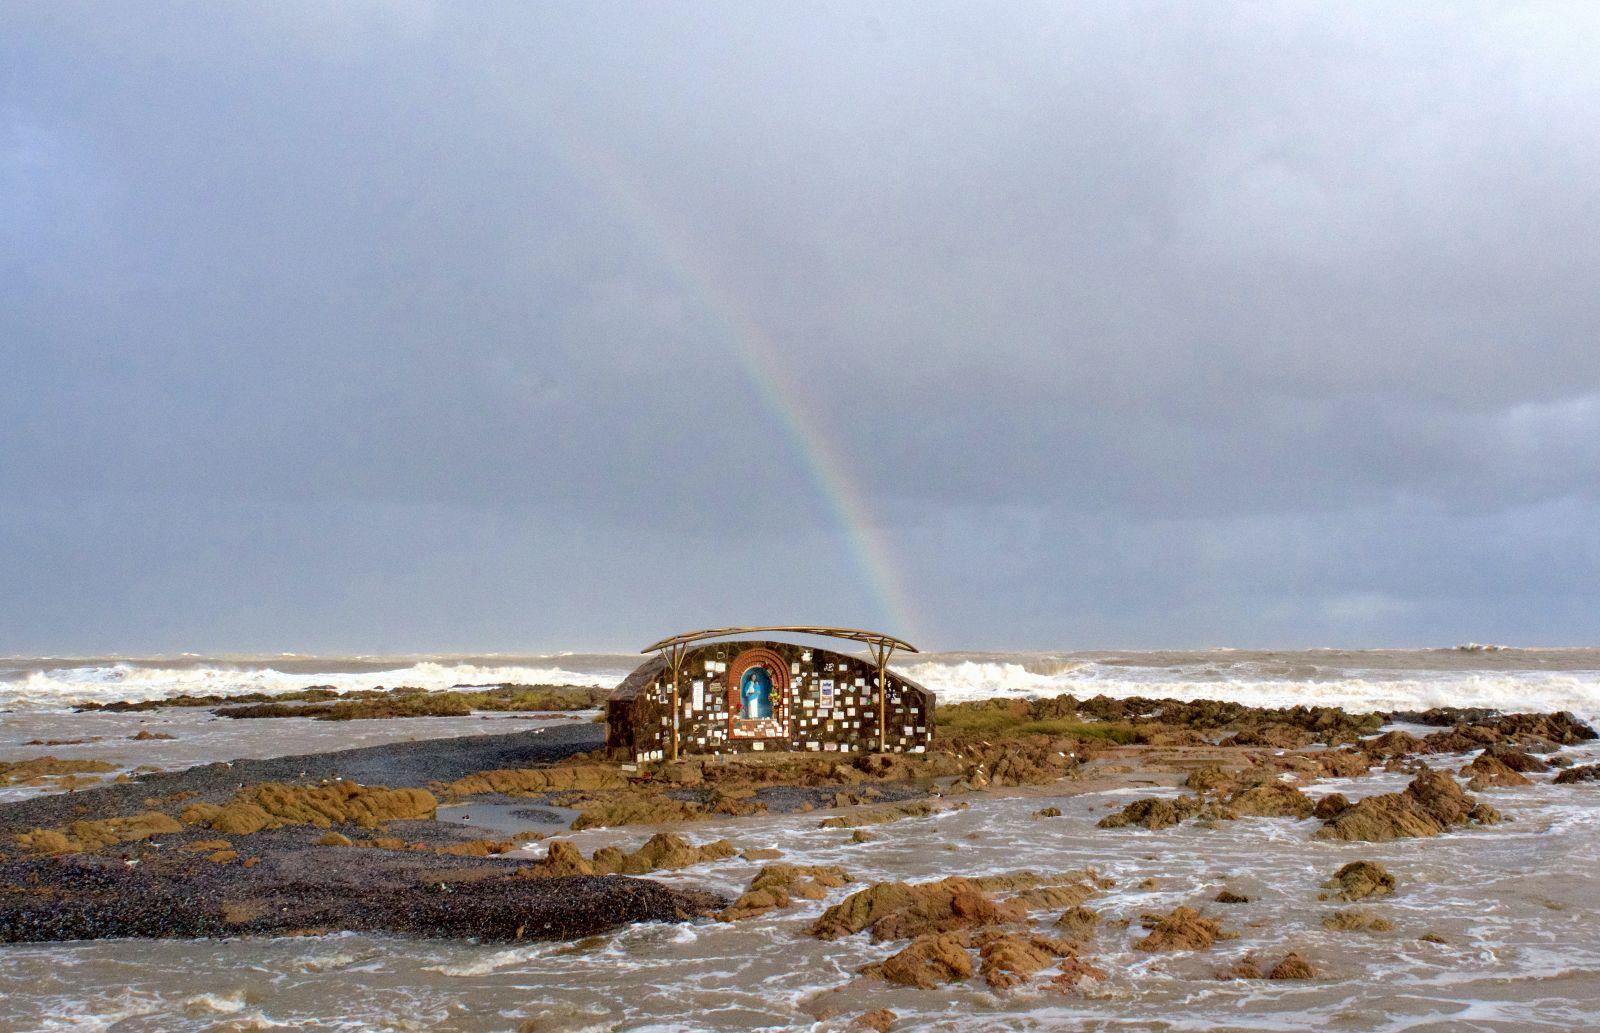 punta-del-este-virgin-mary-building-in-storm-uruguay